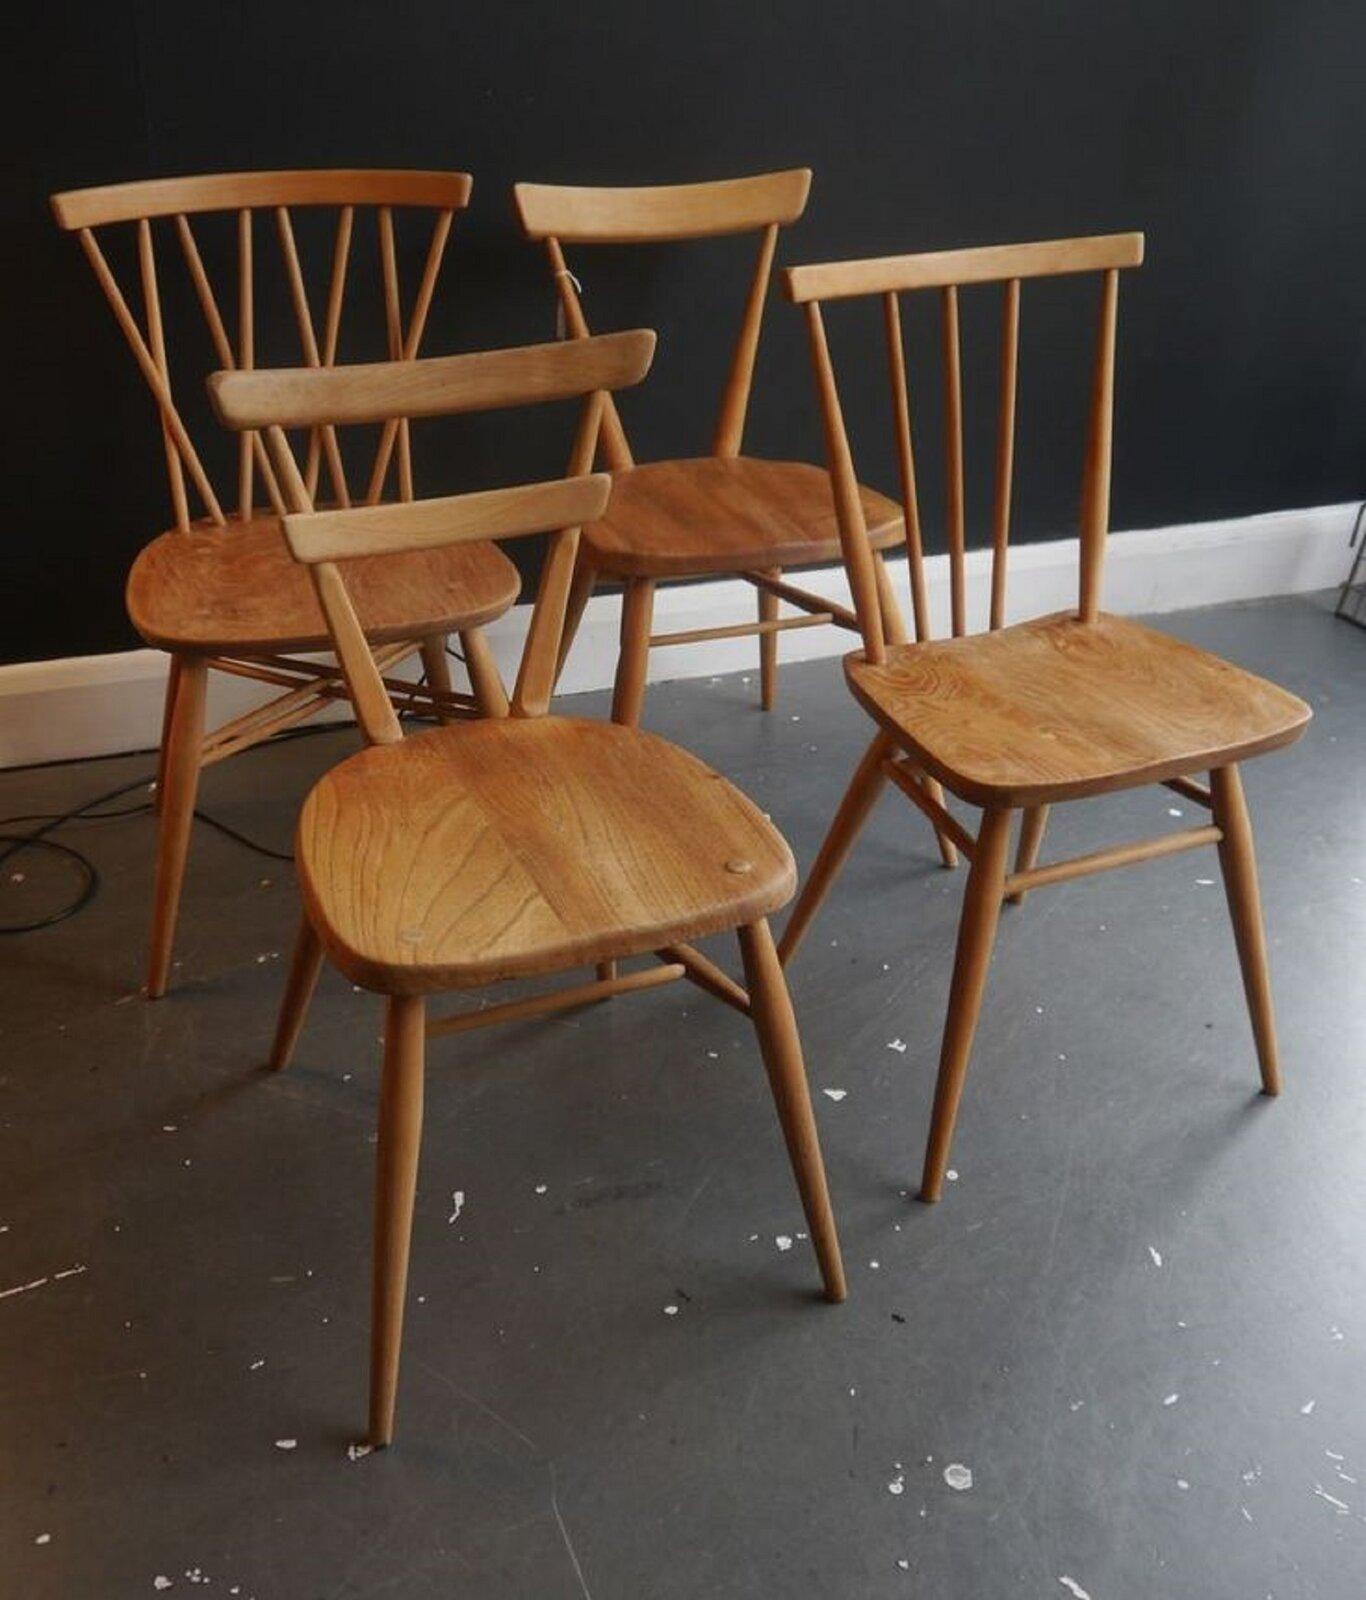 Fotografia nieznanego autora przedstawia cztery drewniane krzesła znajdujące się wsali. Krzesła mają różne oparcia isiedziska. Stoją one na szarej pobrudzonej od farby podłodze. Wtle widoczna jest czarna ściana.